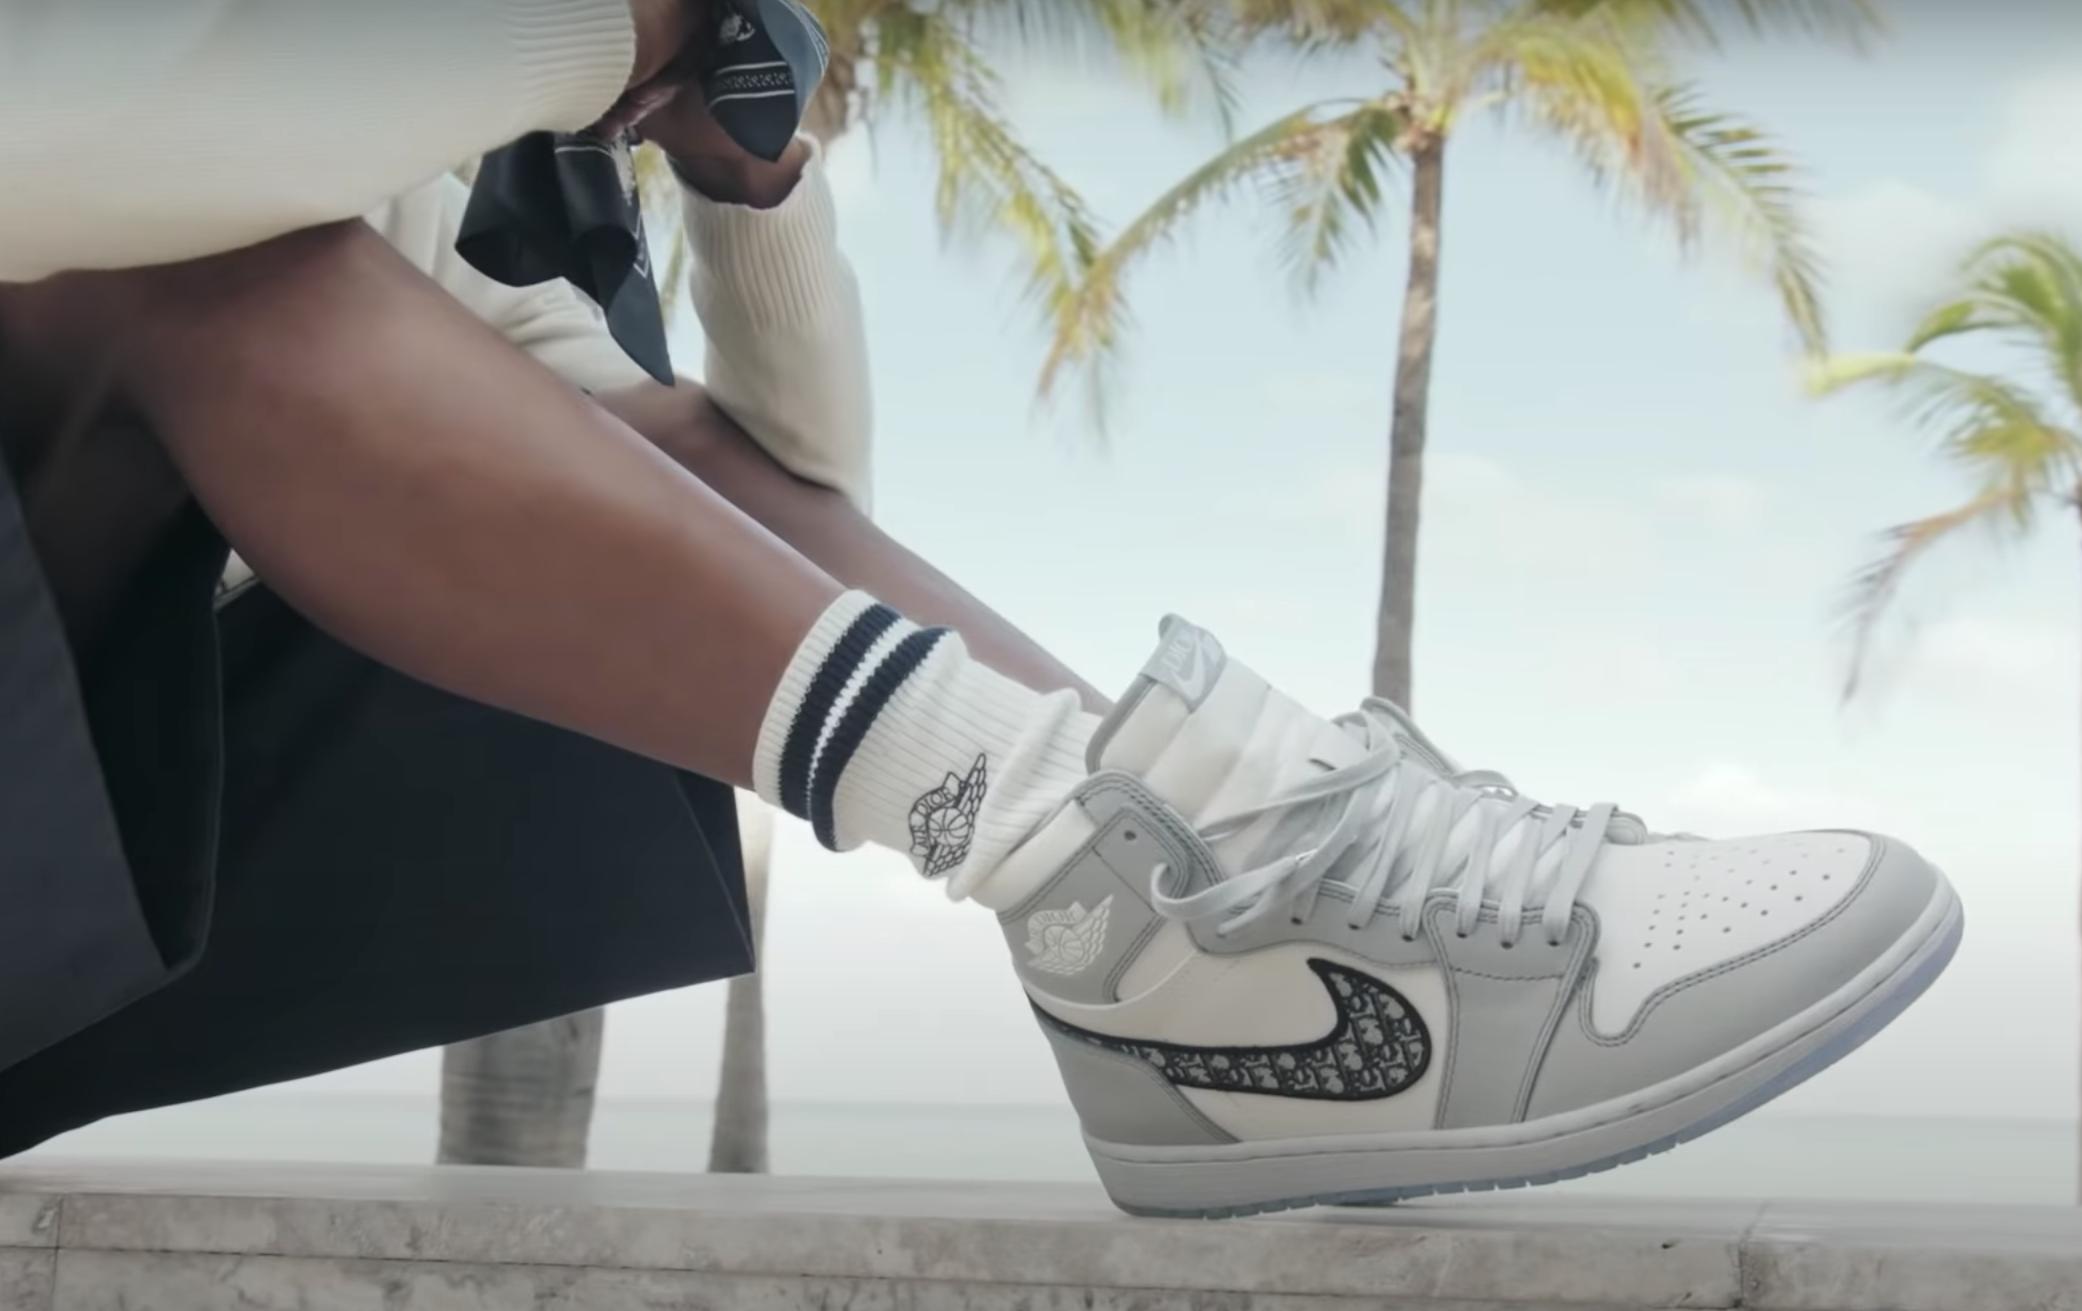 A Closer Look At The Making Of The Dior x Air Jordan 1 Capsule